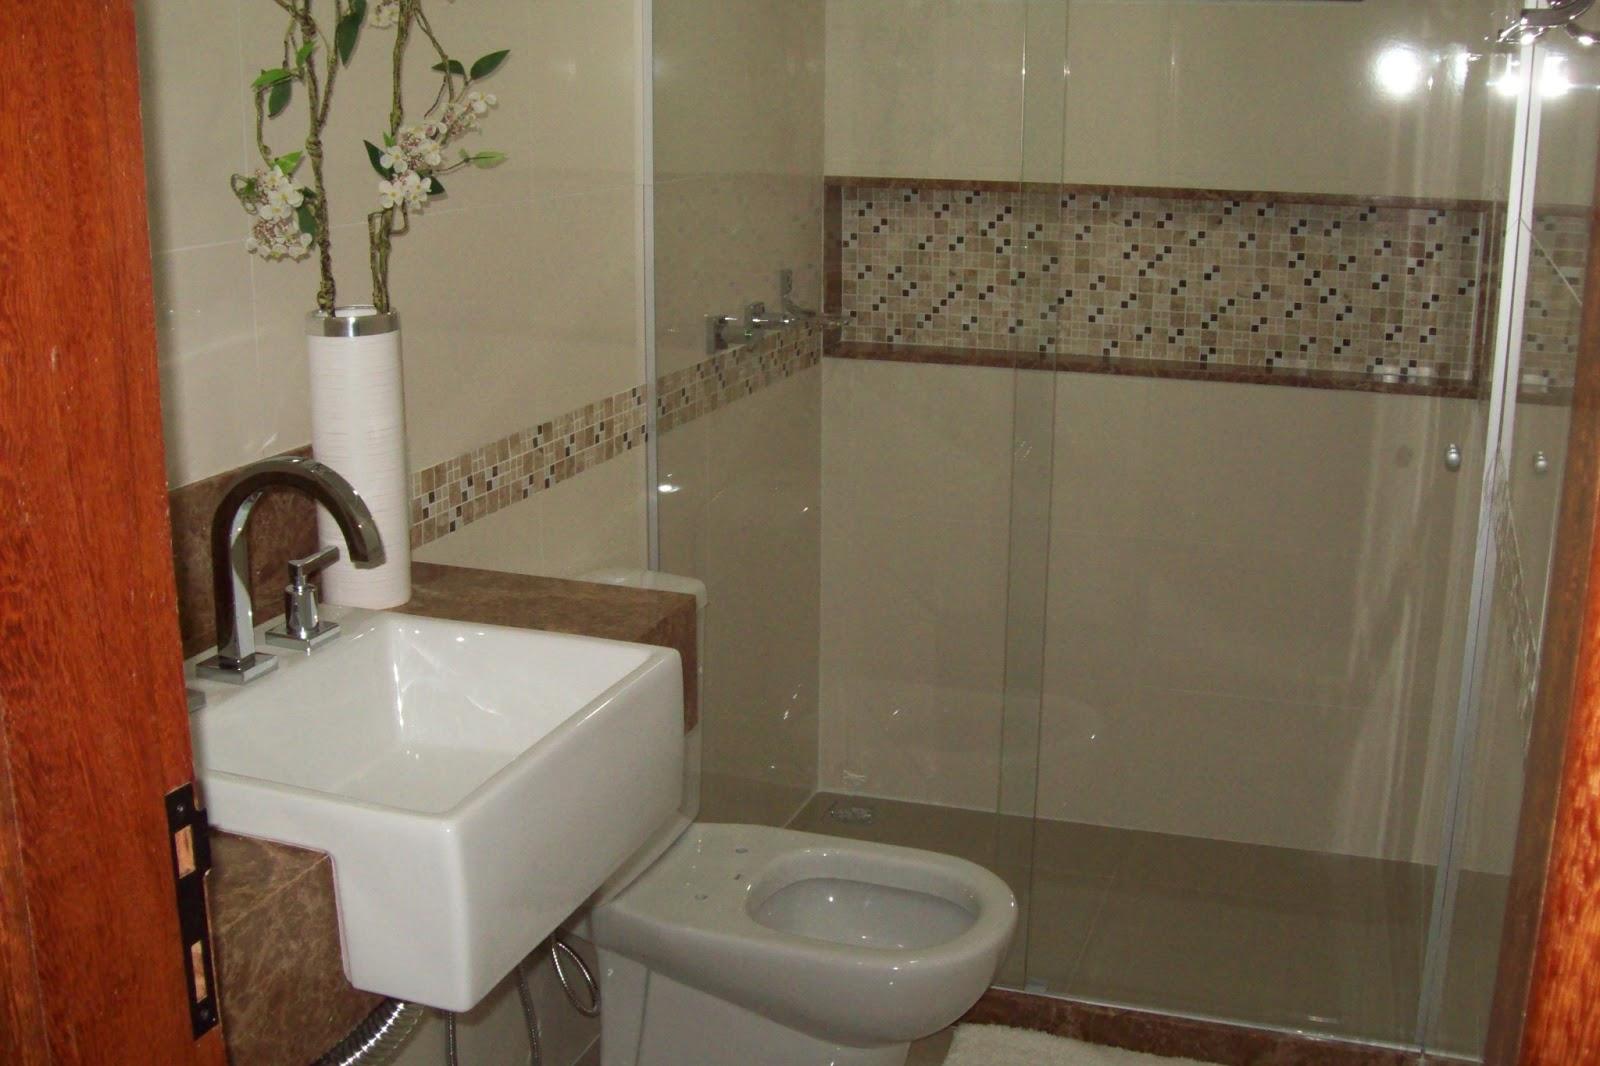 Construções Domingos: Banheiro com Nicho #AE461D 1600x1066 Banheiro Acabamento